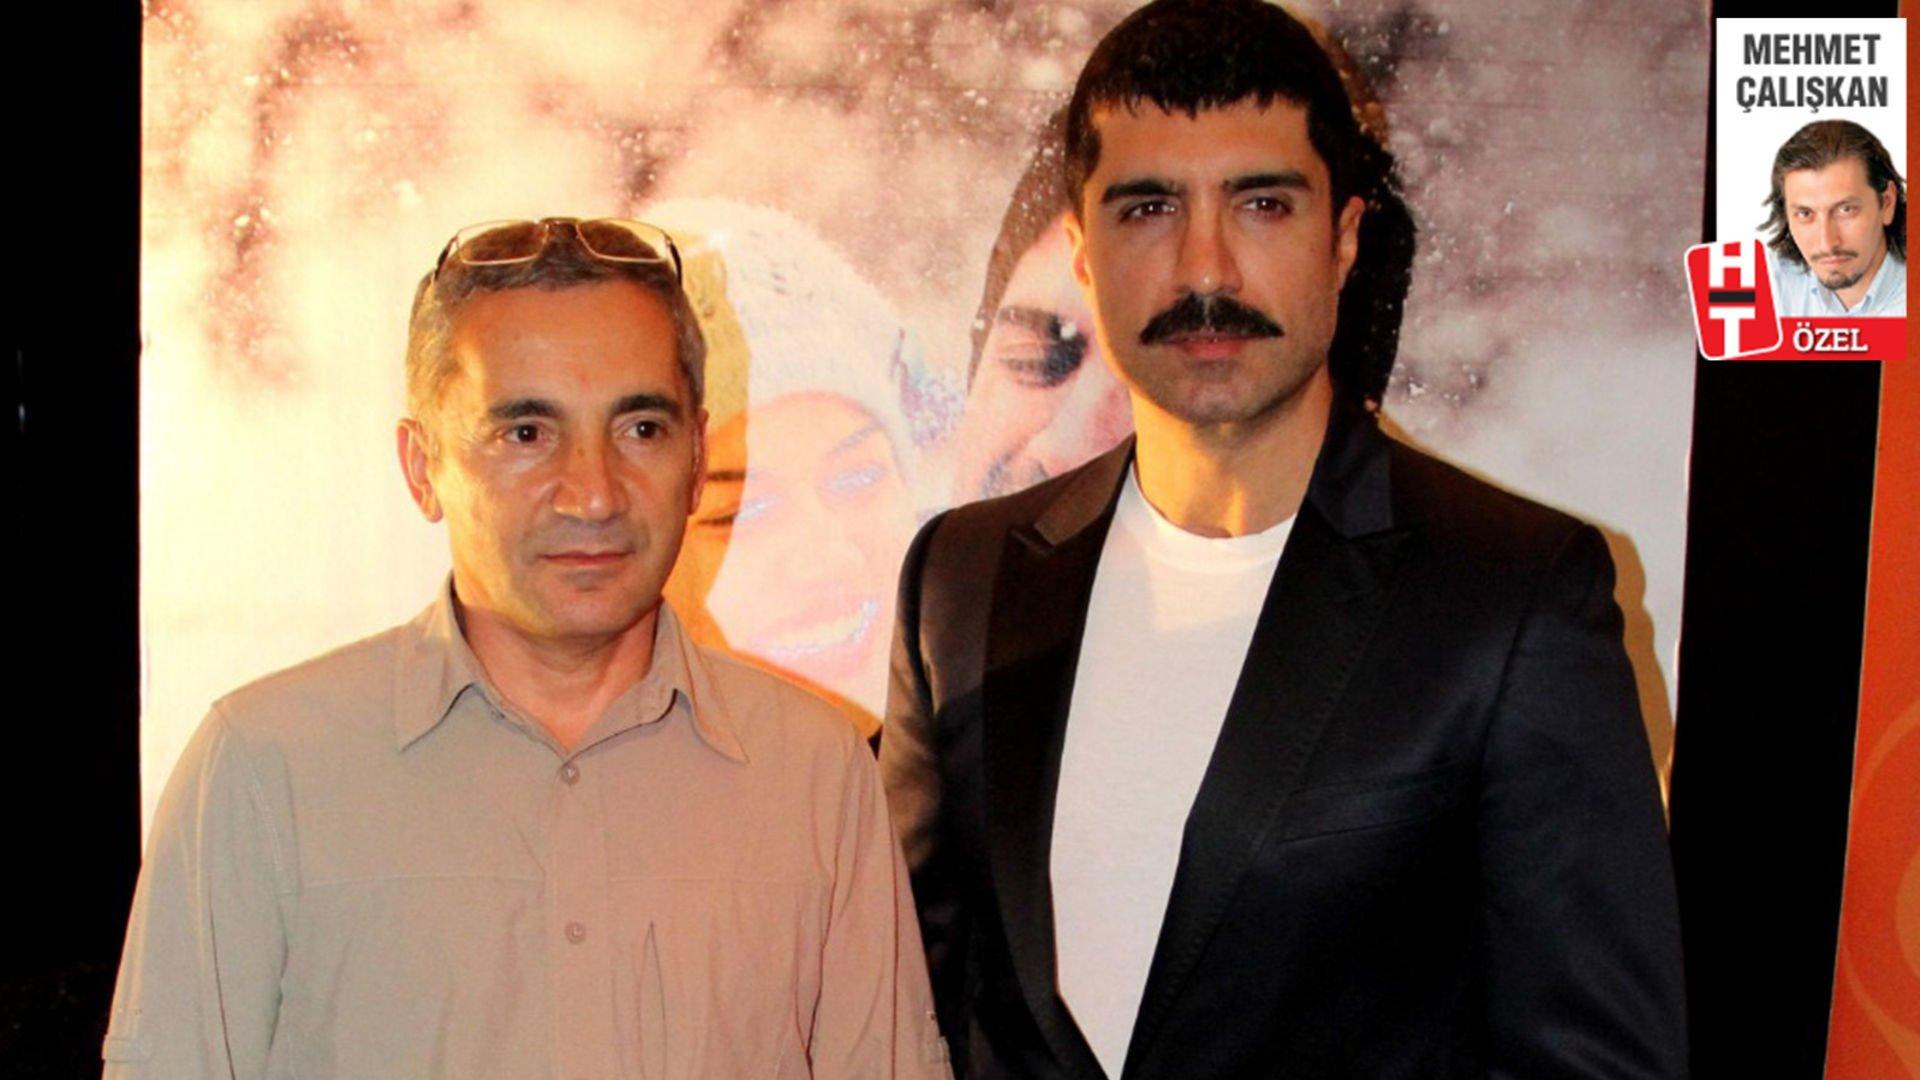 SON DAKİKA! Yapımcı Şükrü Avşar: İzleyici asla kanmaz - Haberler